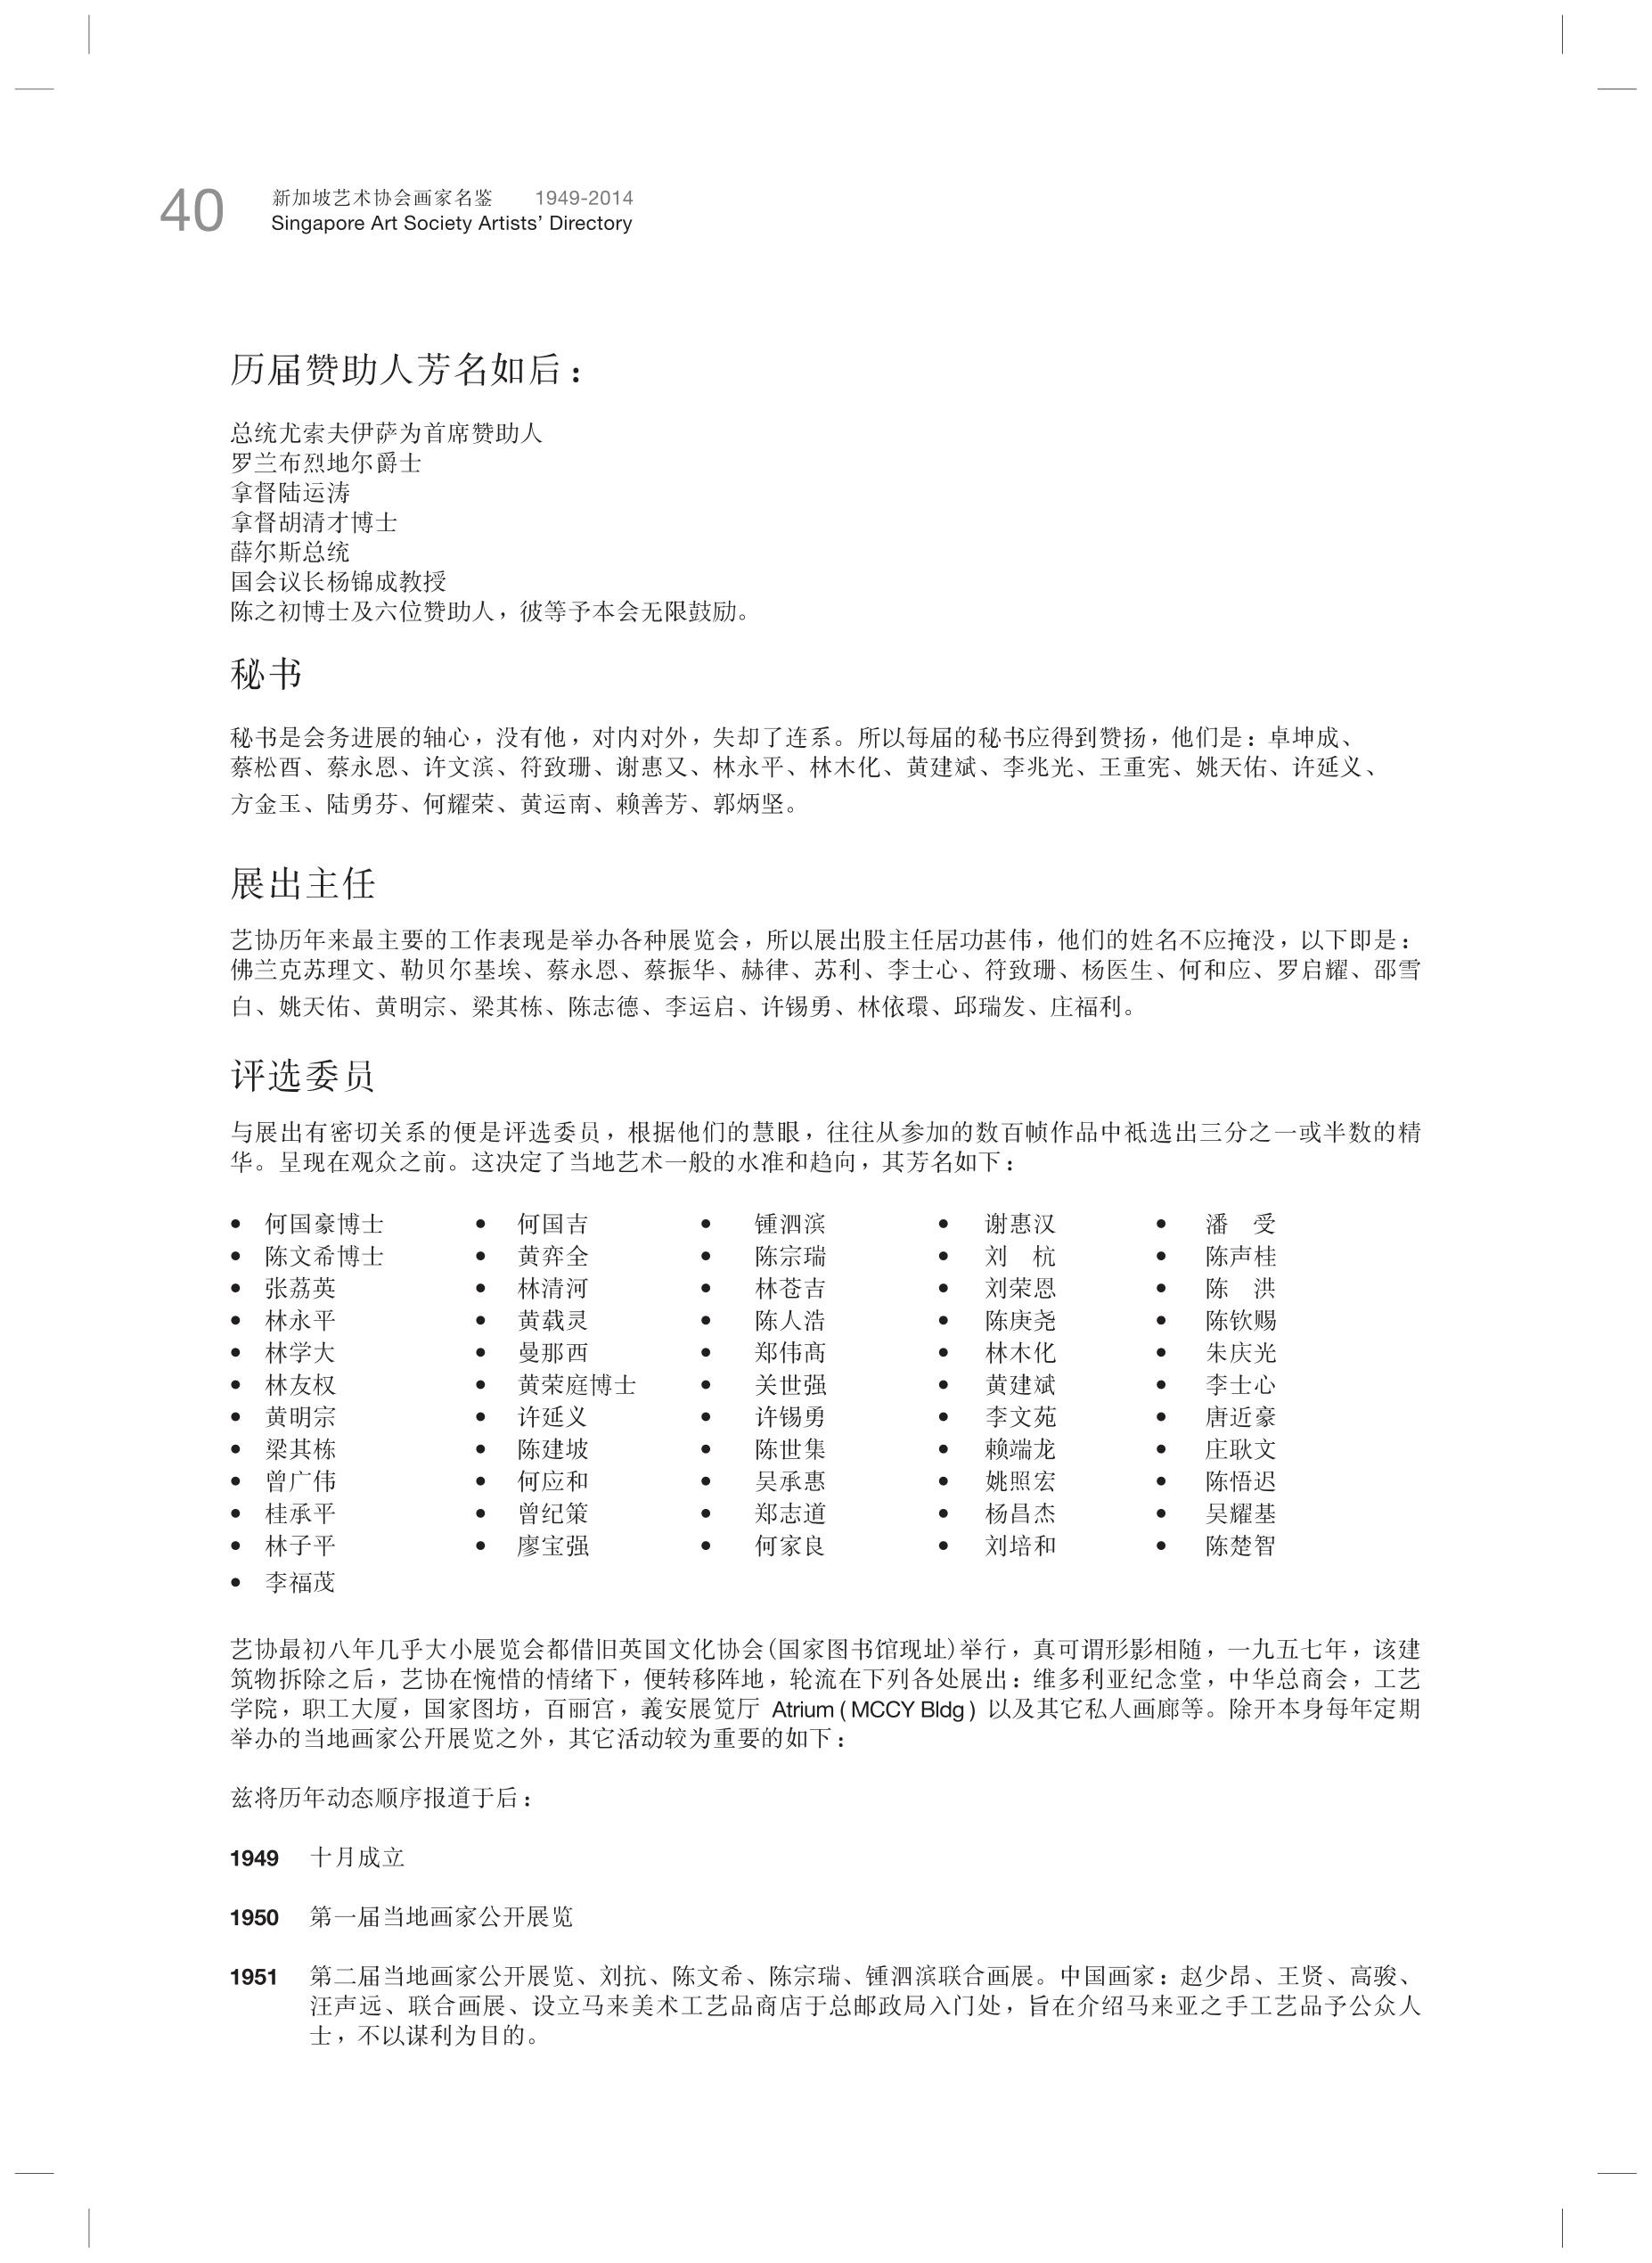 SG 65 inside_Part4-07